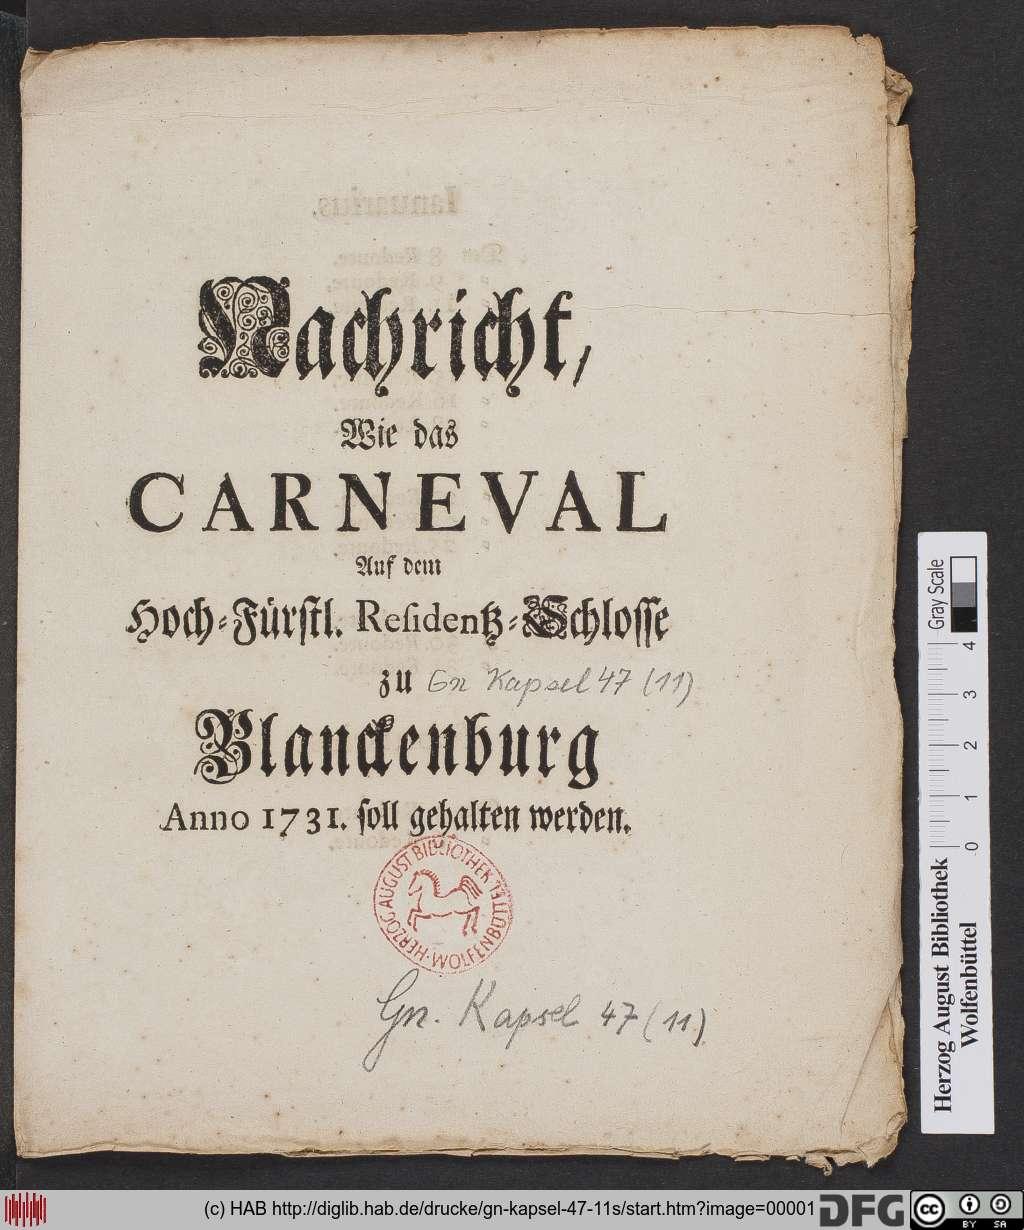 http://diglib.hab.de/drucke/gn-kapsel-47-11s/00001.jpg